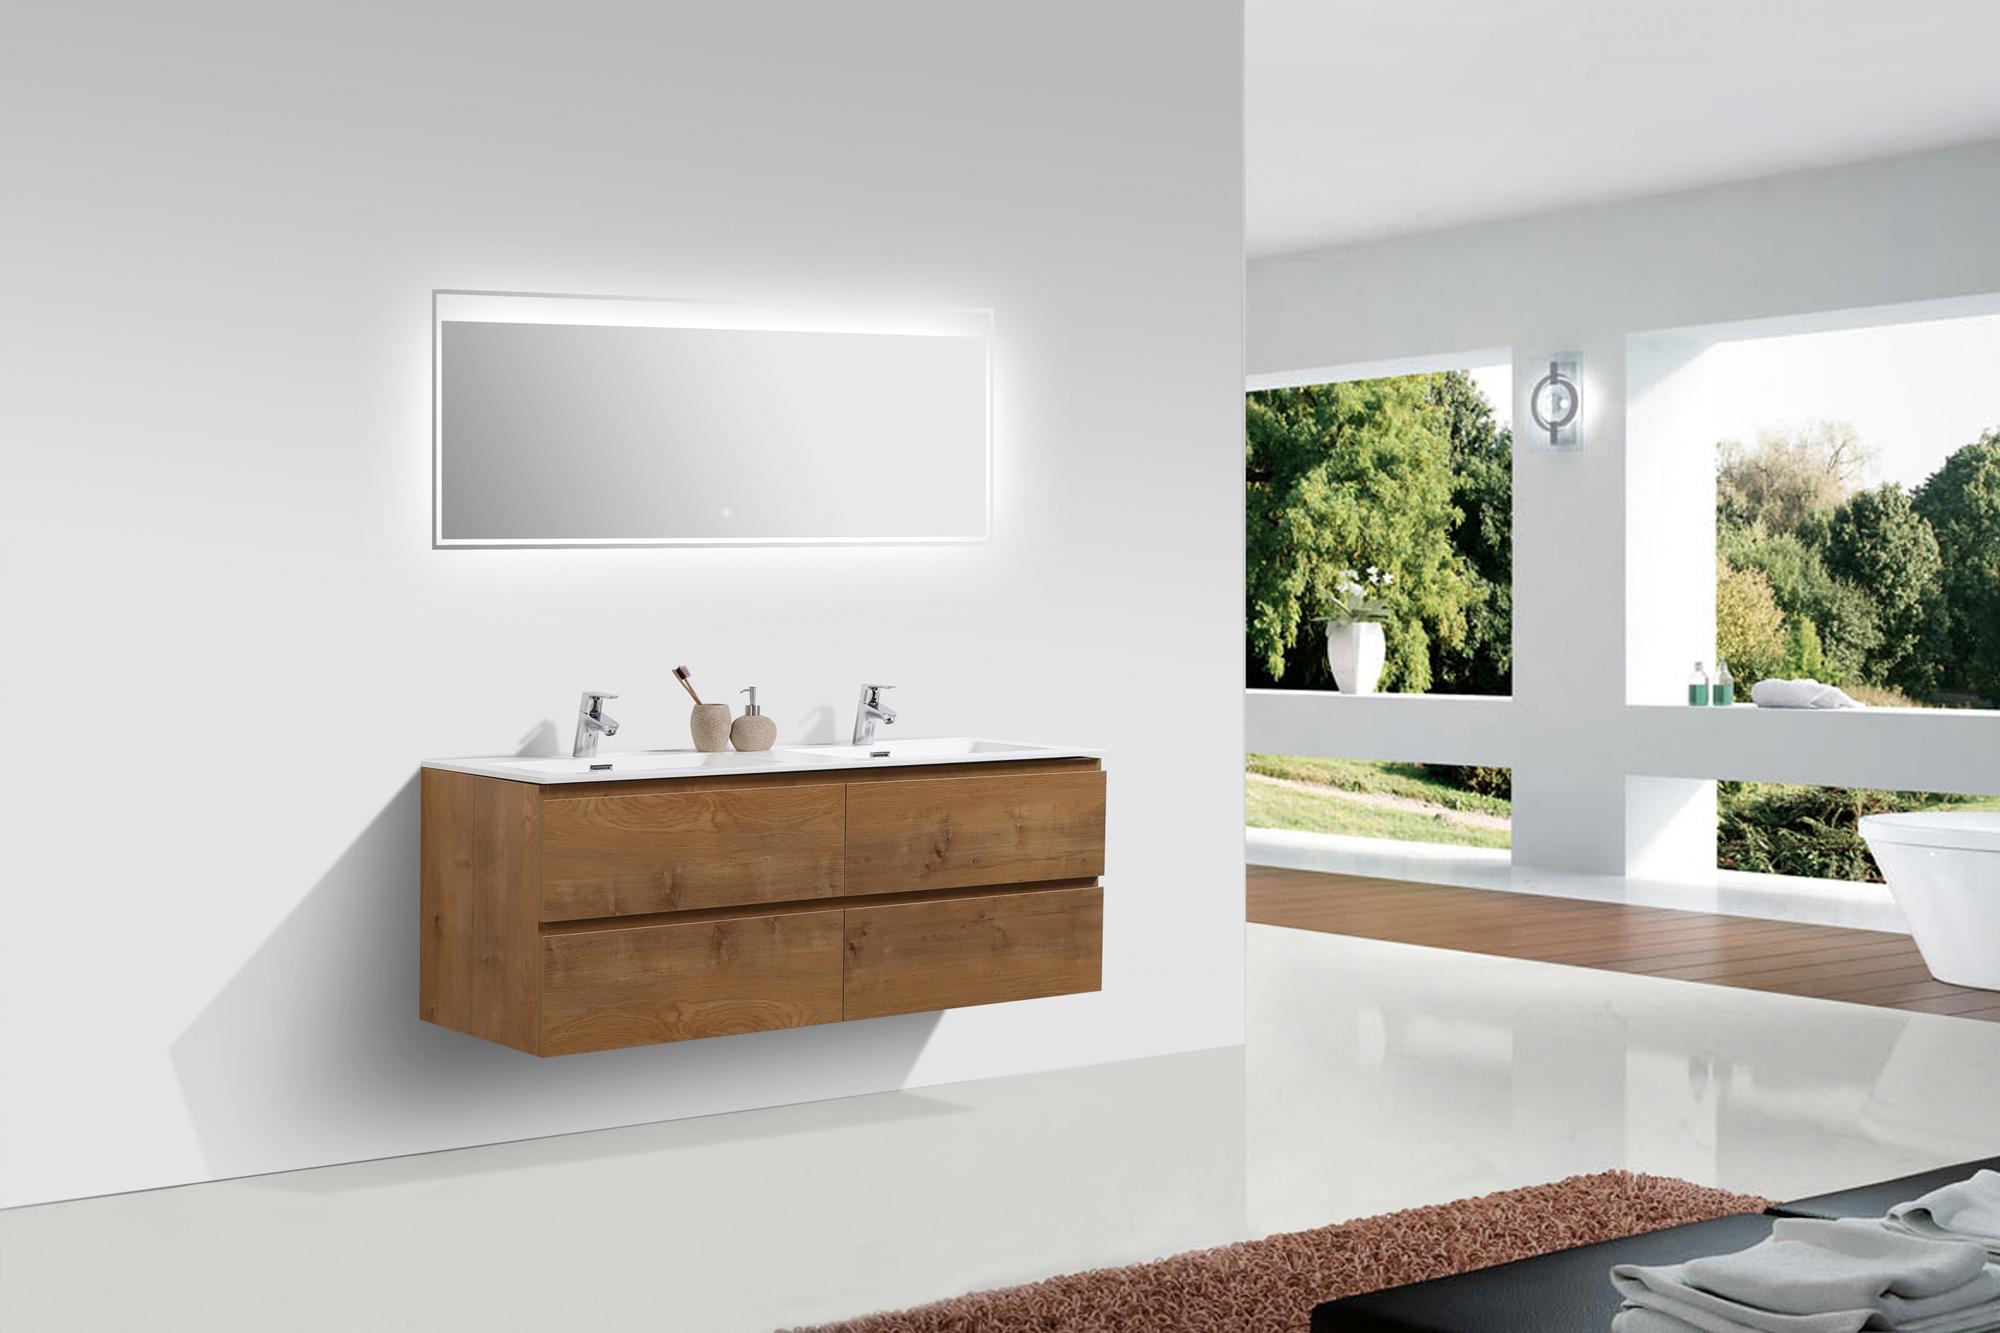 Mobili da bagno set alice lavandino doppio lavabo per - Lavandino doppio bagno ...